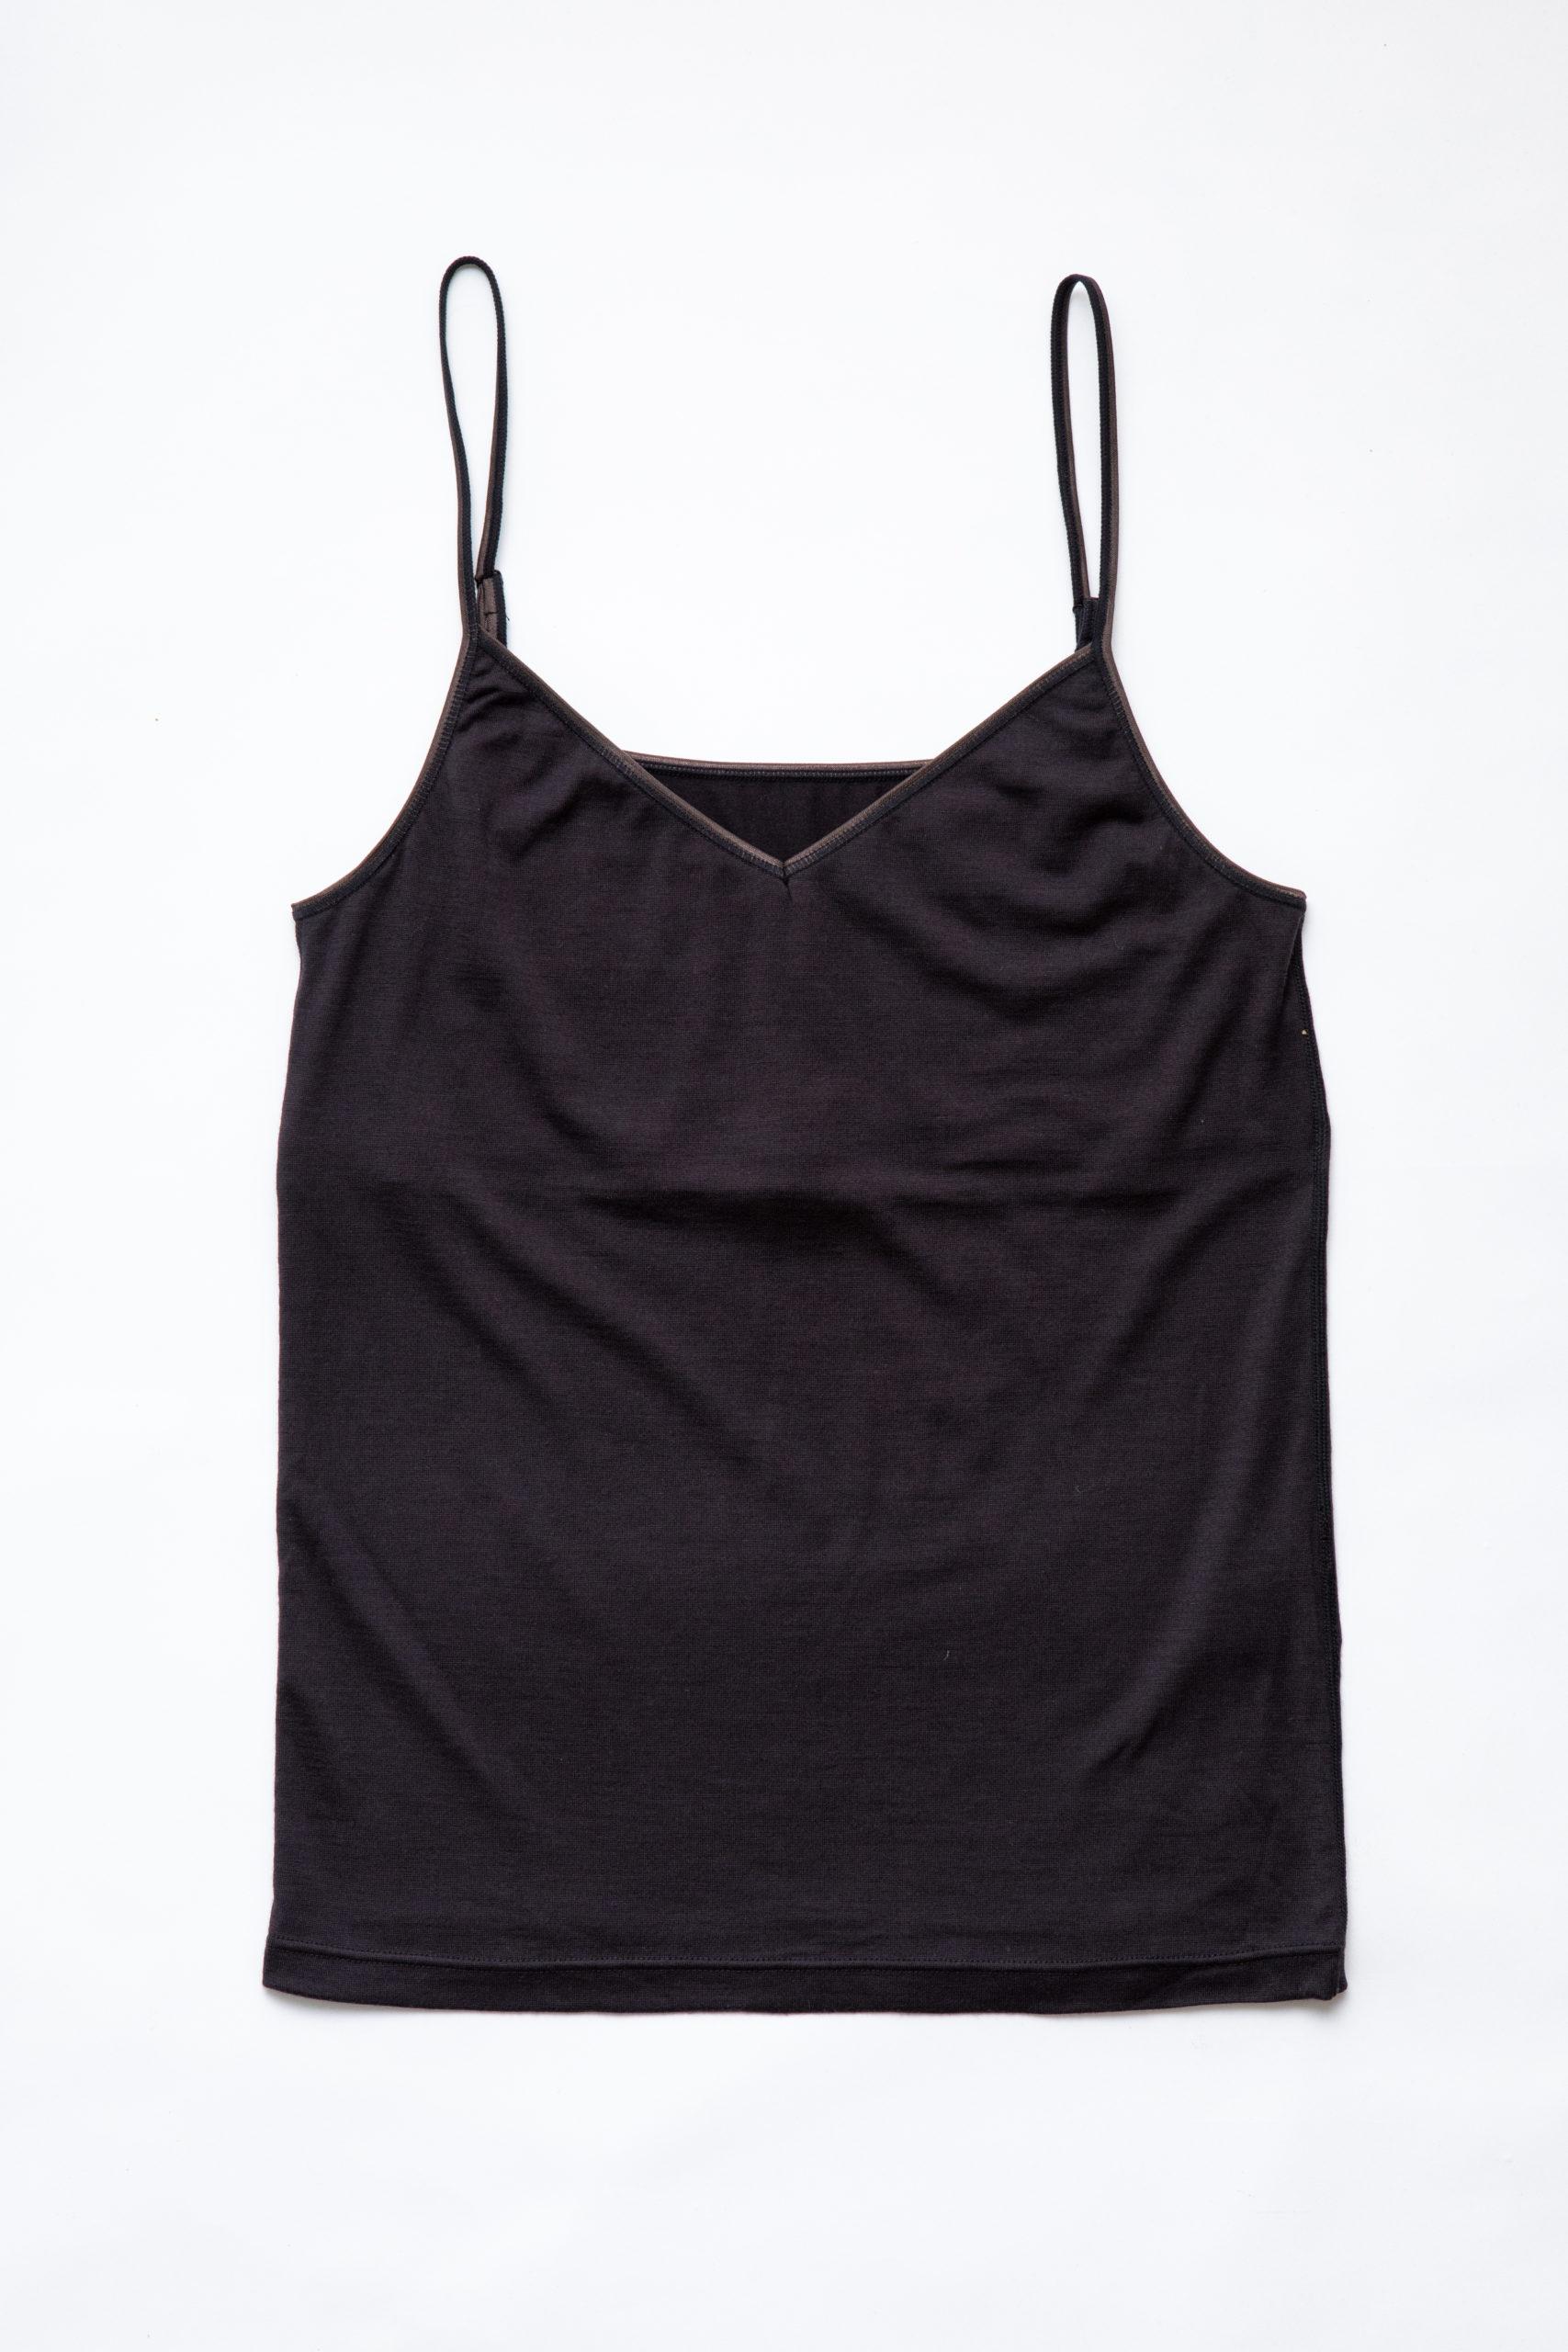 yarn y-535-16dg1